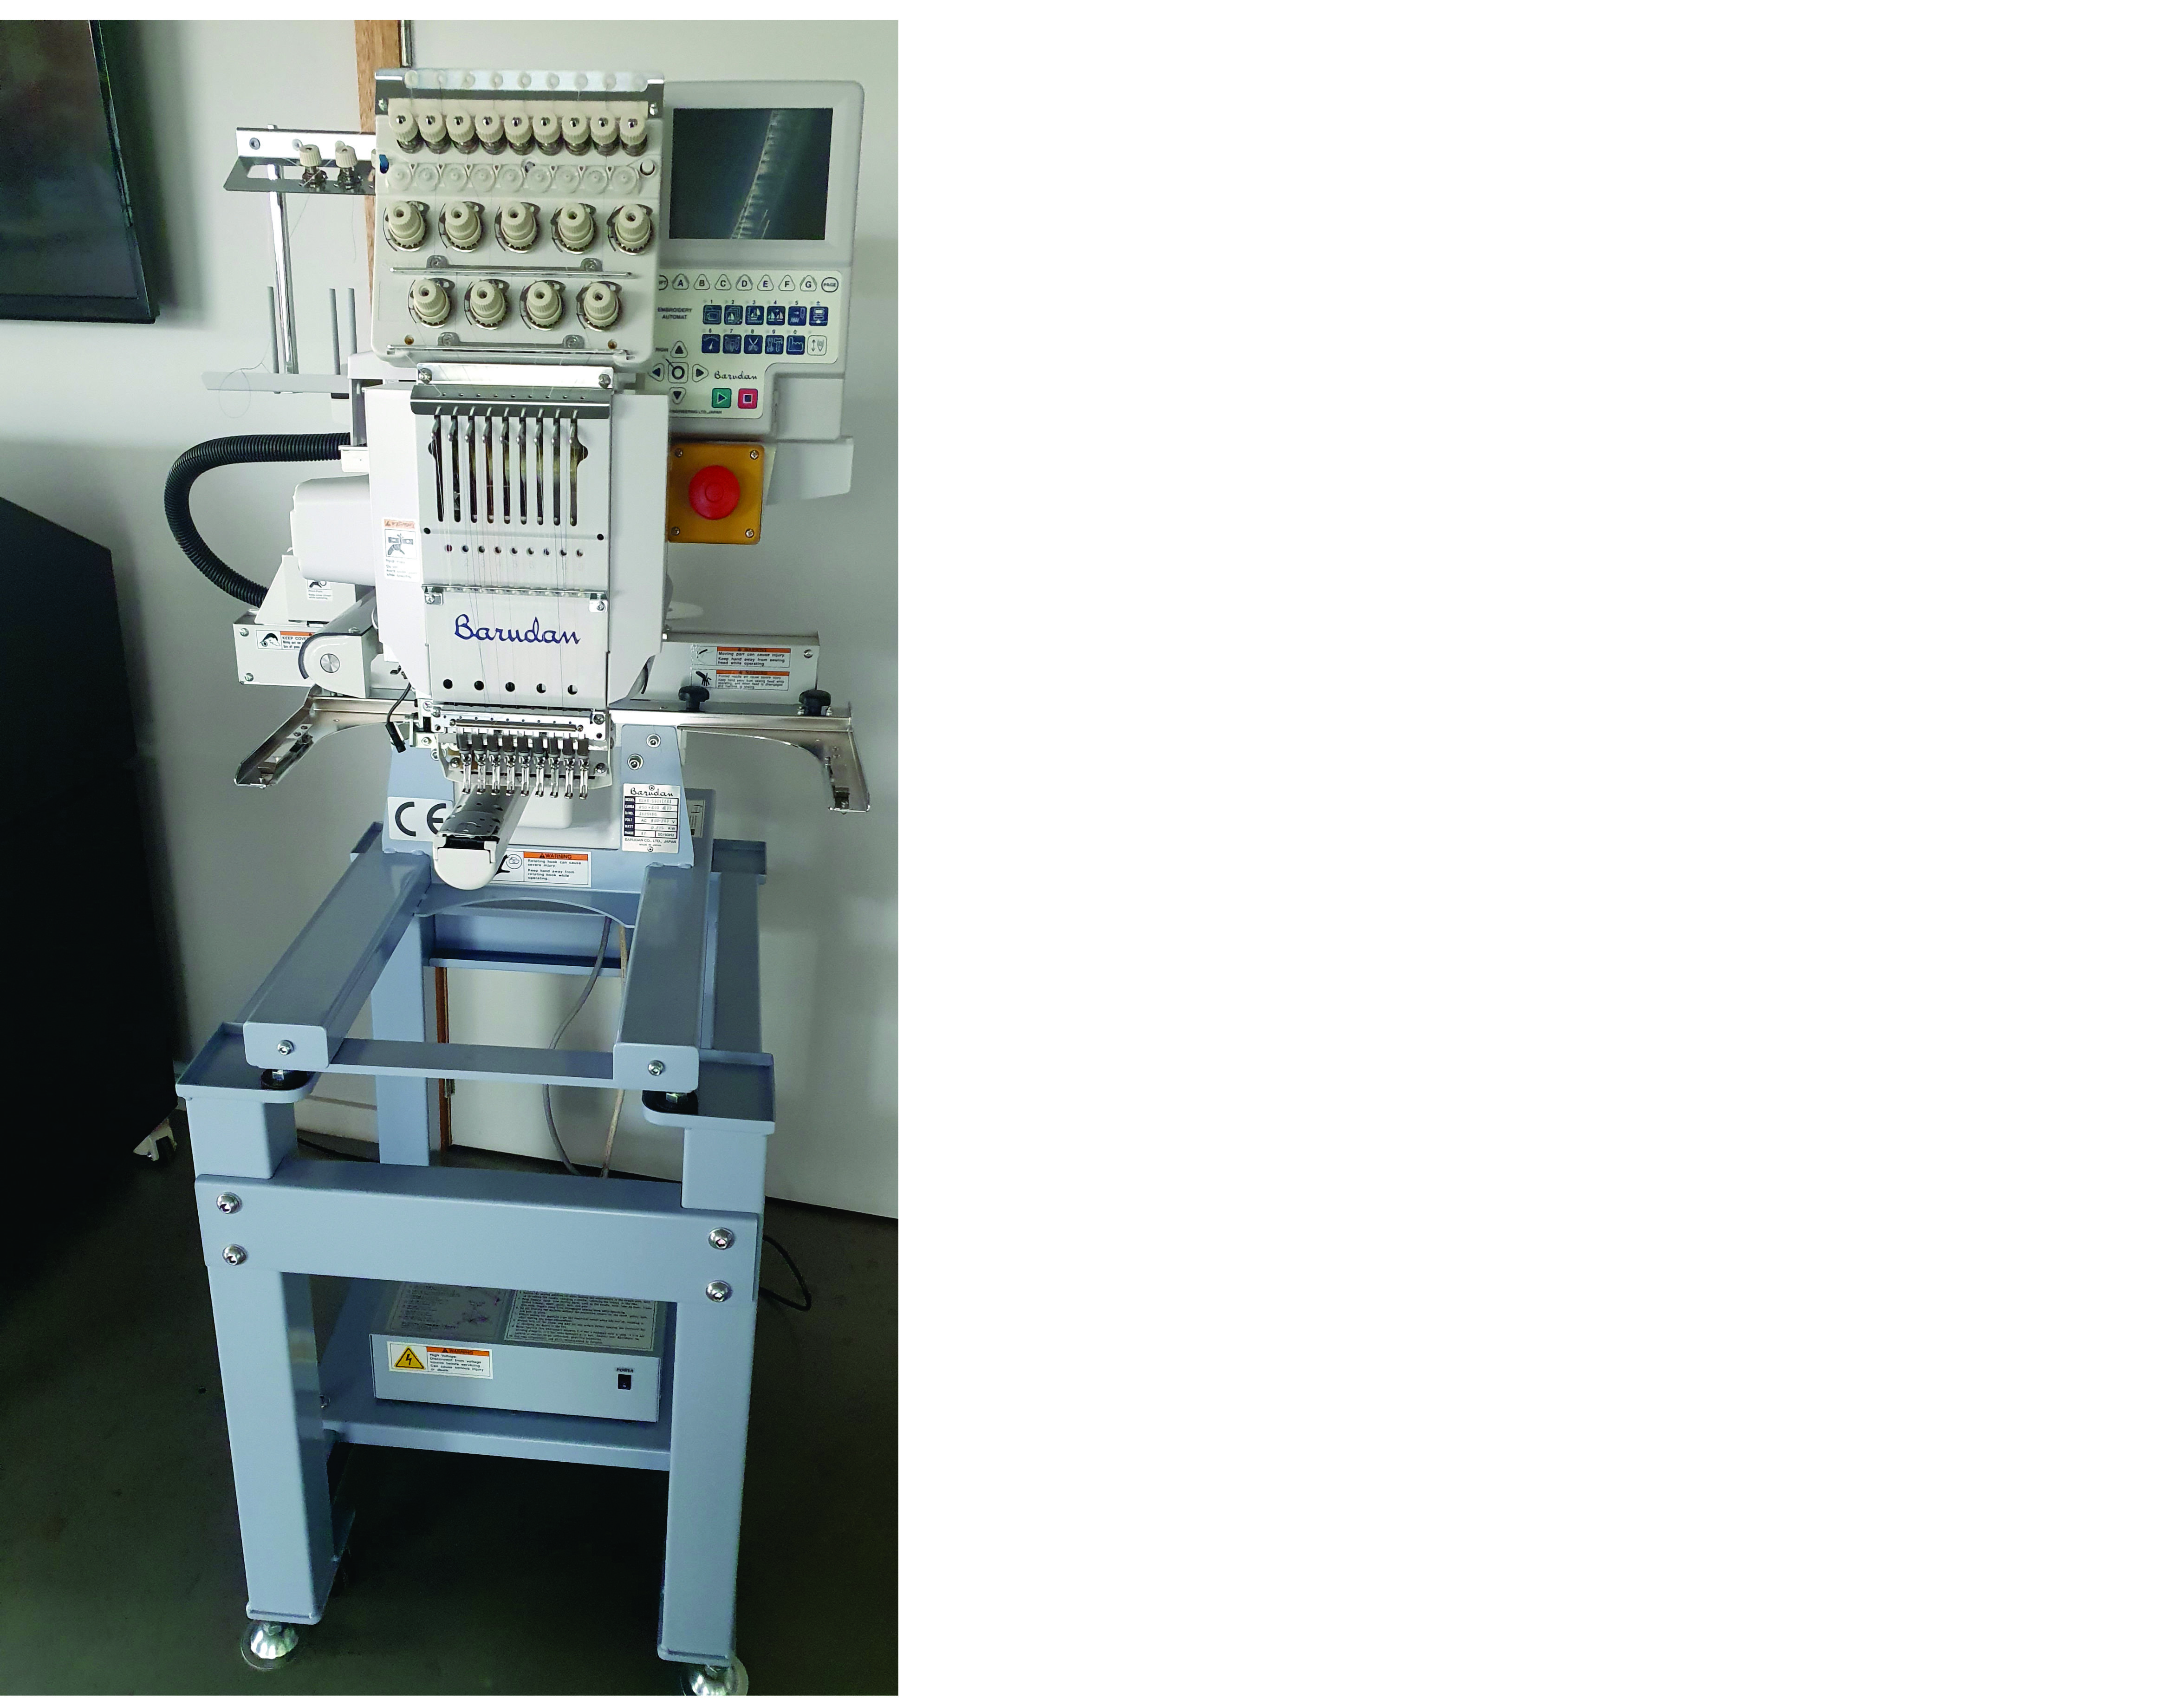 Barudan éénkopsborduurmachine met 9 naalden